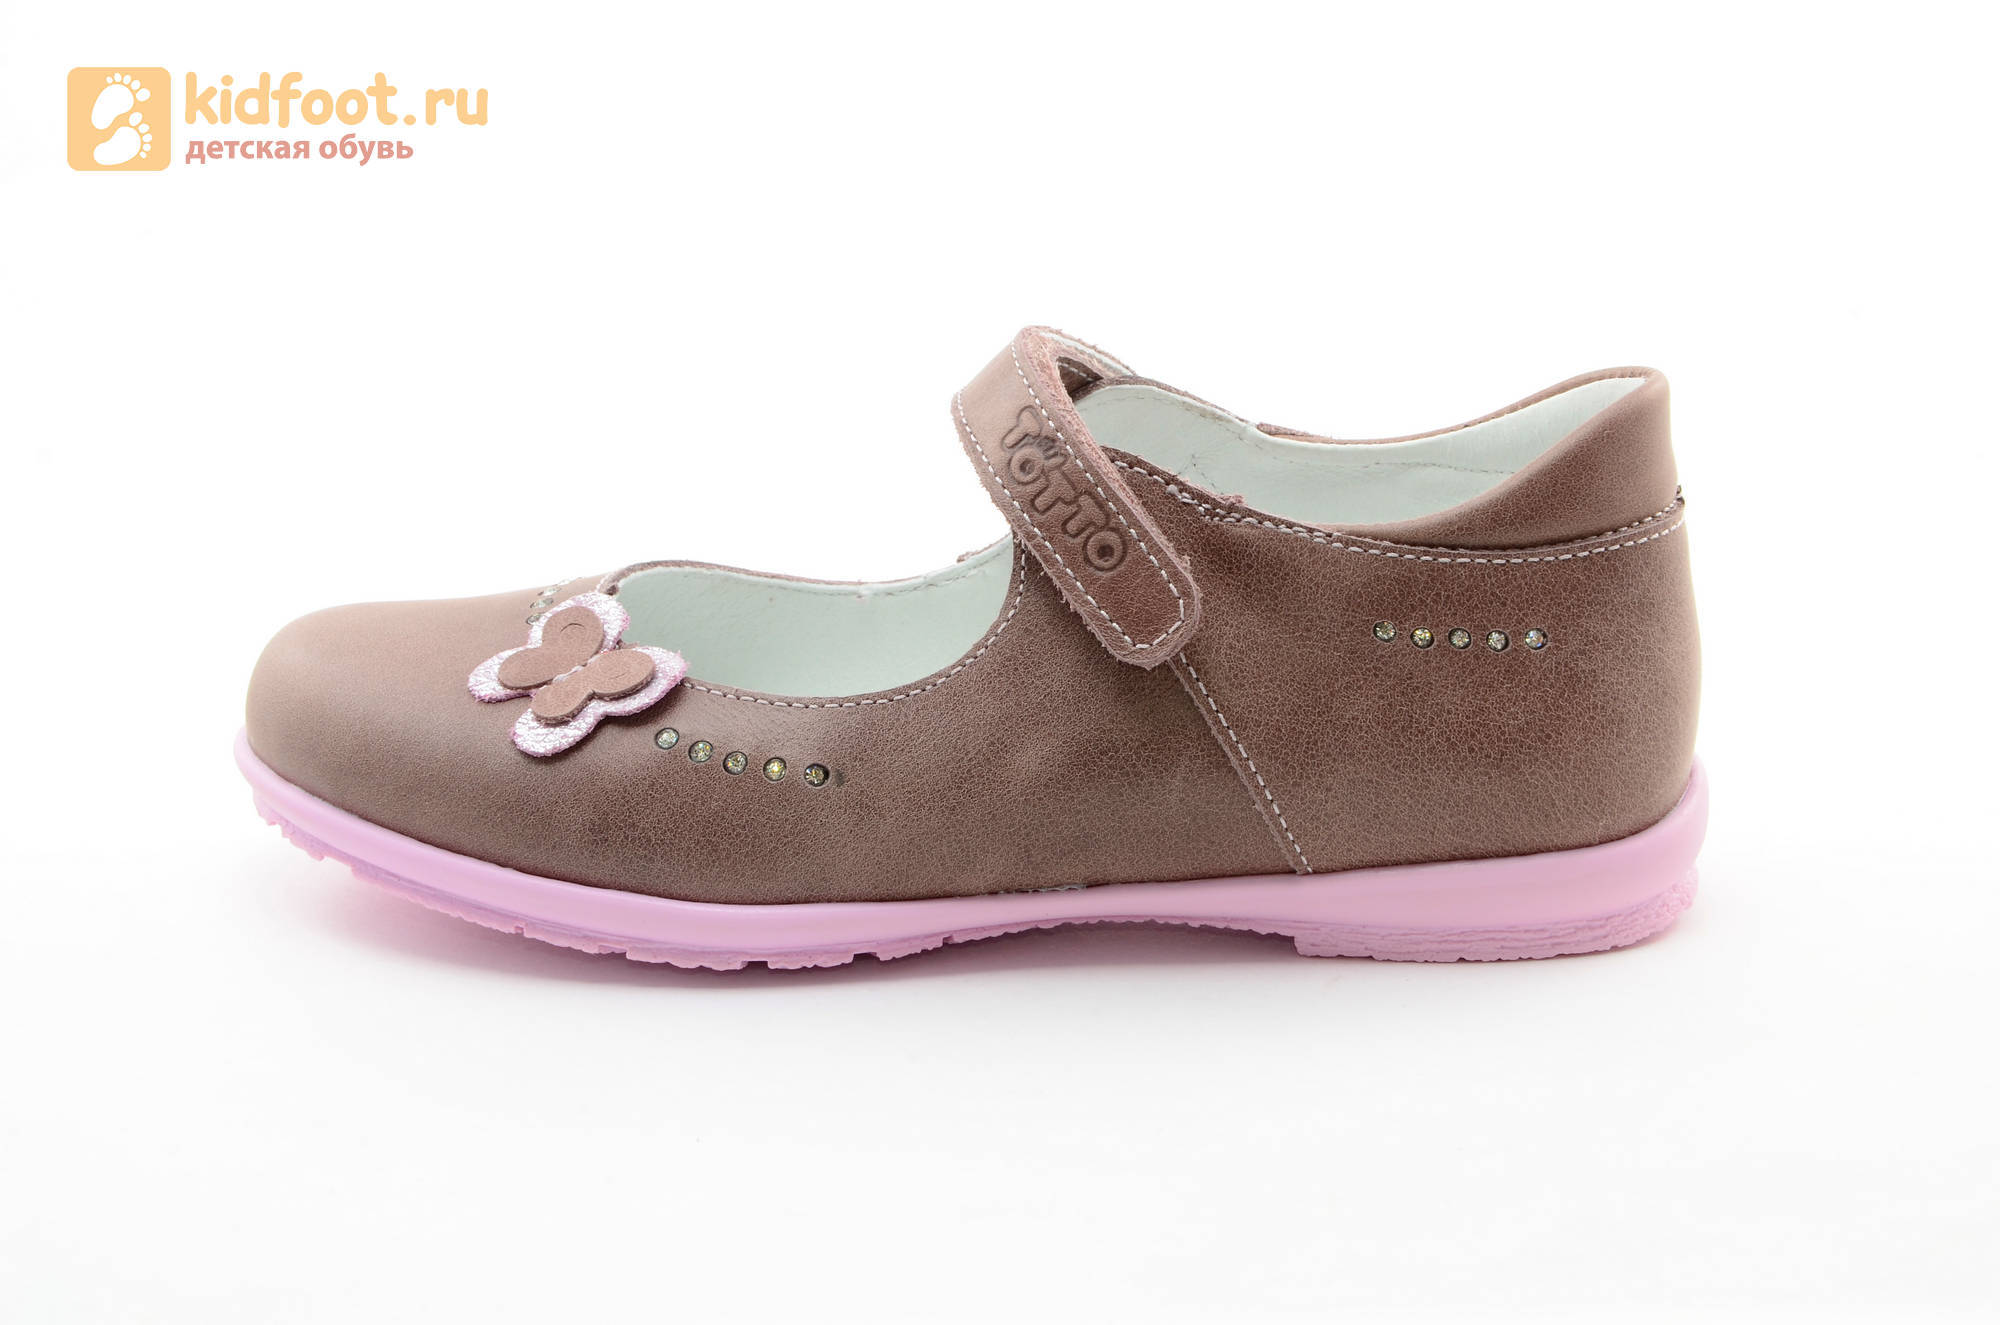 Туфли Тотто из натуральной кожи на липучке для девочек, цвет ирис серобежевый, 10204B